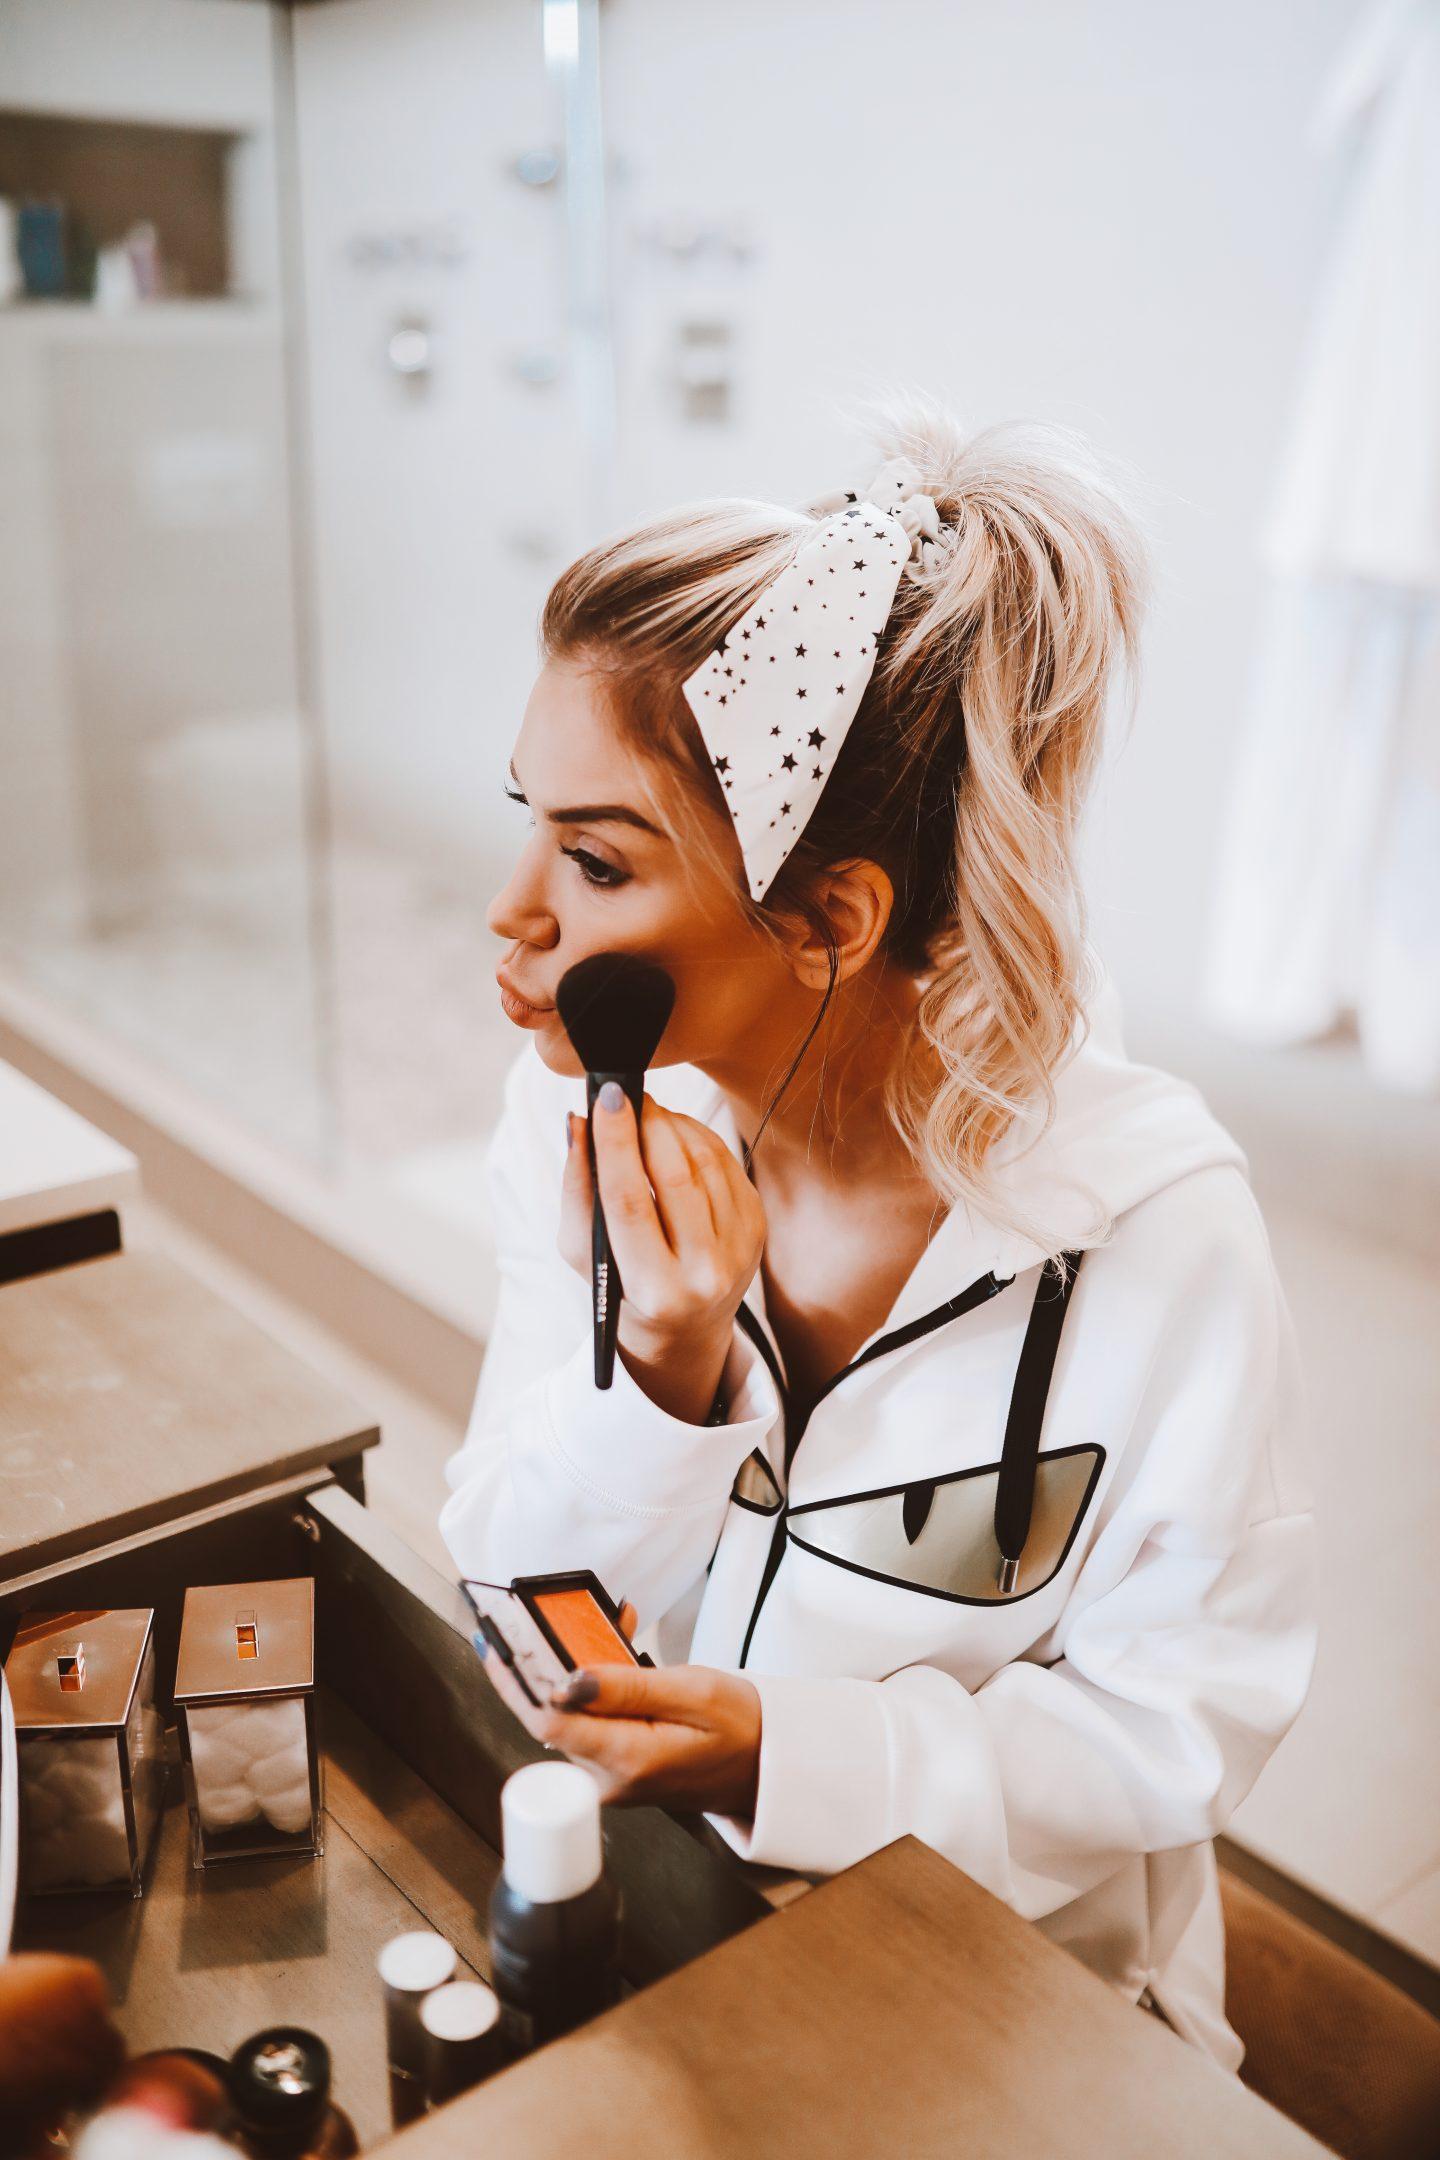 sephora sale, makeup picks, makeup tricks, makeup blog, makeup blogger, fashion blogger, makeup hacks, makeup picks, favorite makeup, makeup fun, mom blogger, mommy blogger, travel blog, travel blogger